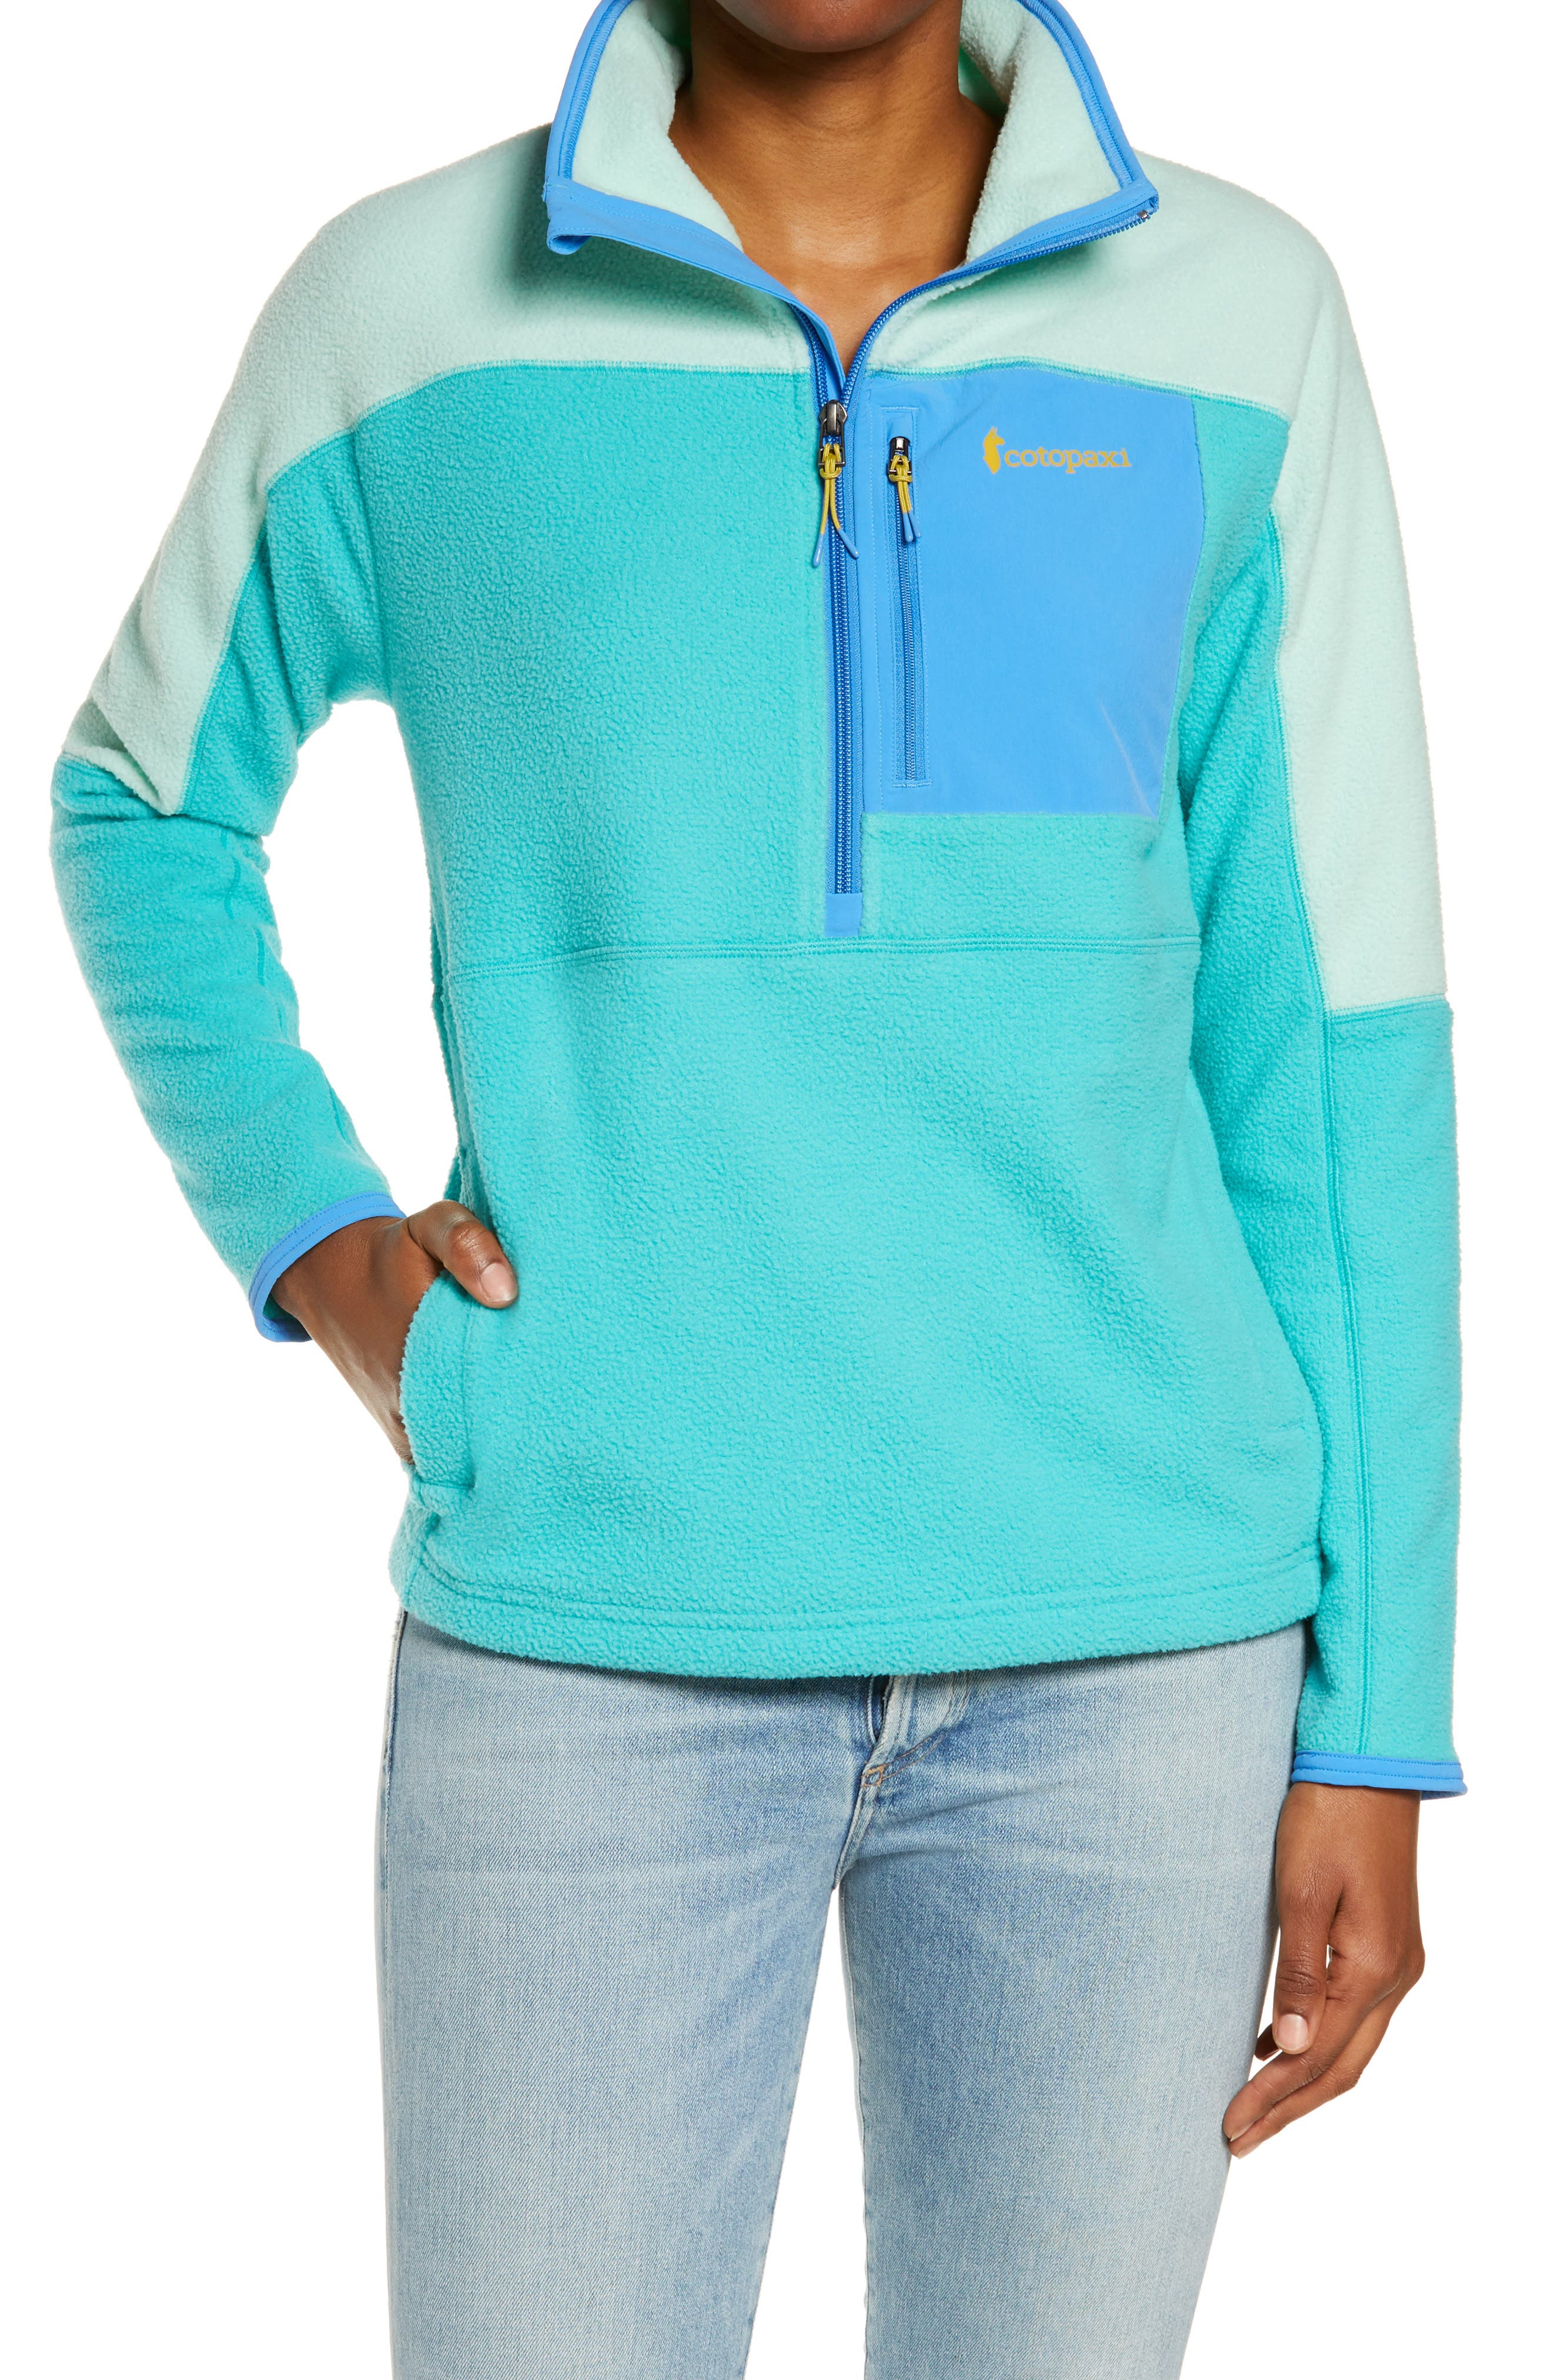 Dorado Half Zip Fleece Jacket